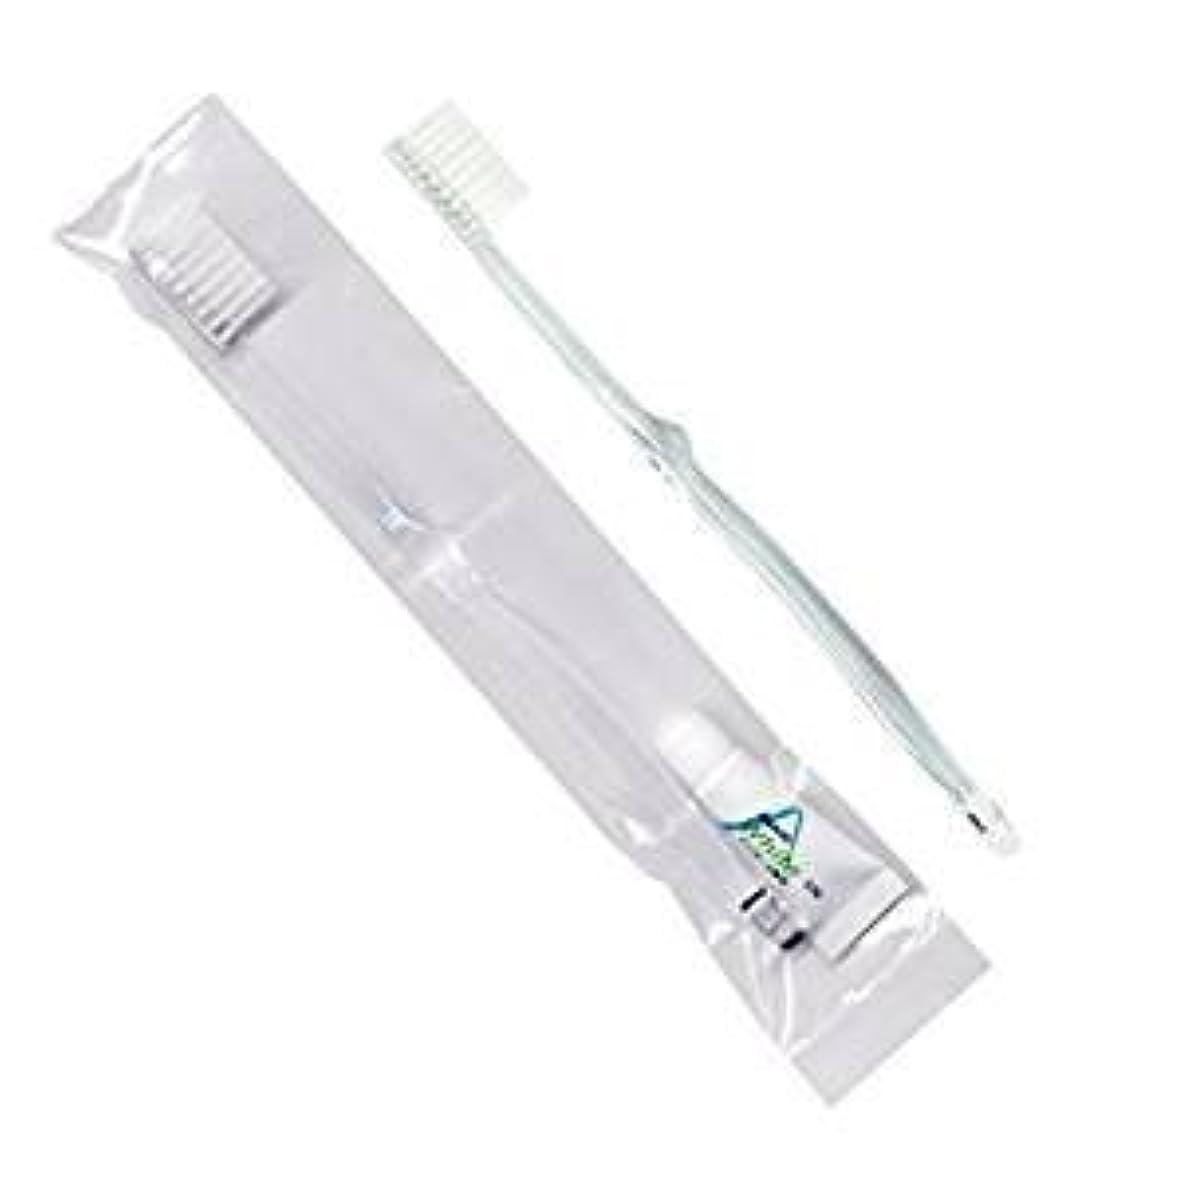 ヨーグルト泥だらけ財布ホテル業務用歯ブラシ28穴(クリア)3.5gチューブ OP袋Sタイプ 50本